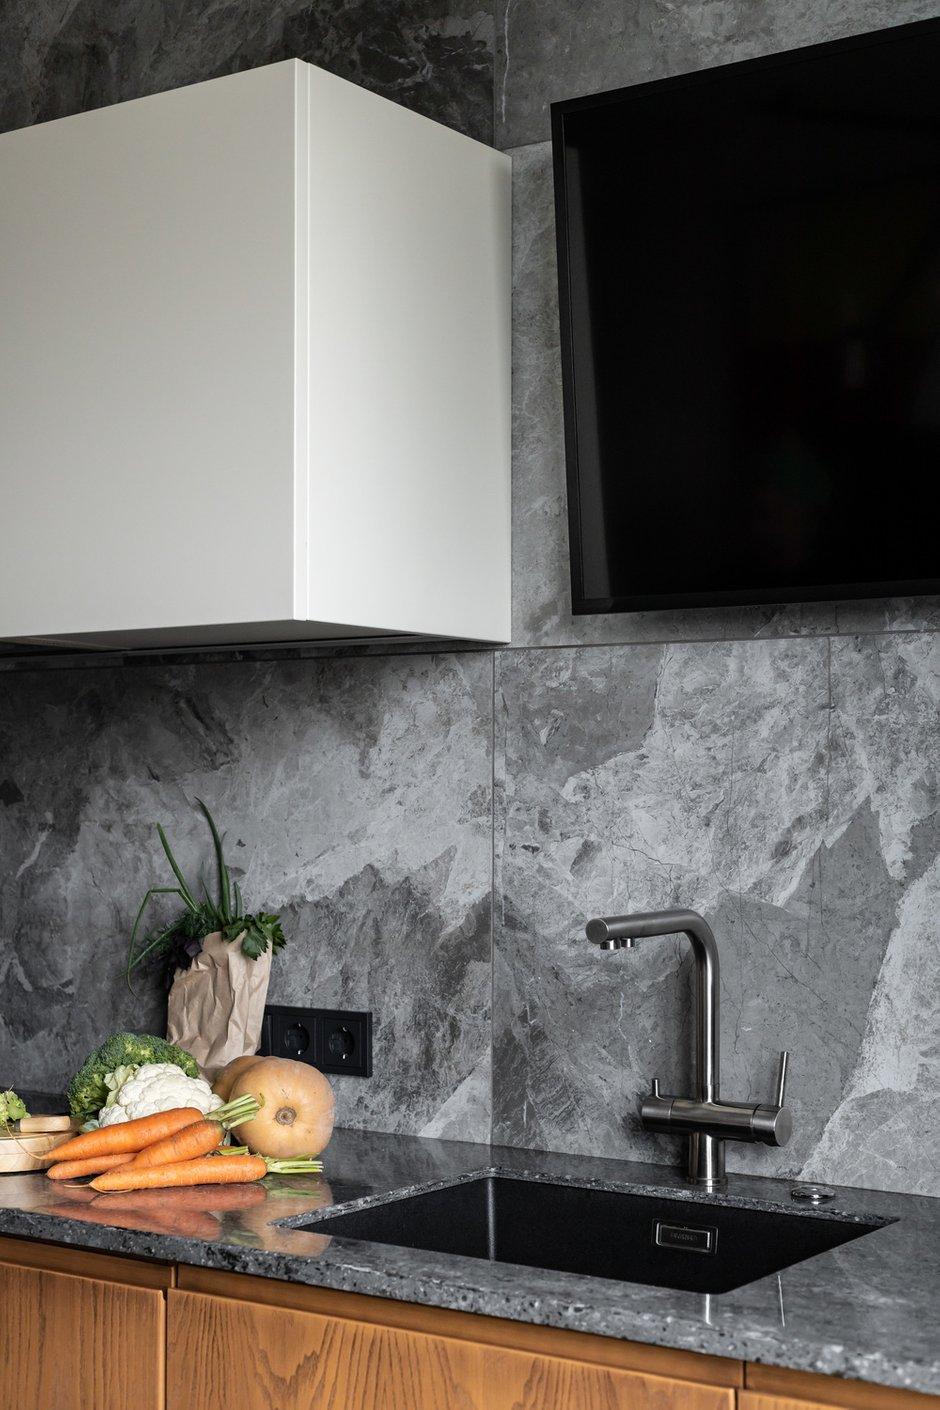 Фотография: Кухня и столовая в стиле Современный, Скандинавский, Квартира, Проект недели, Санкт-Петербург, 1 комната, 40-60 метров, Архитектура Интерьера – фото на INMYROOM